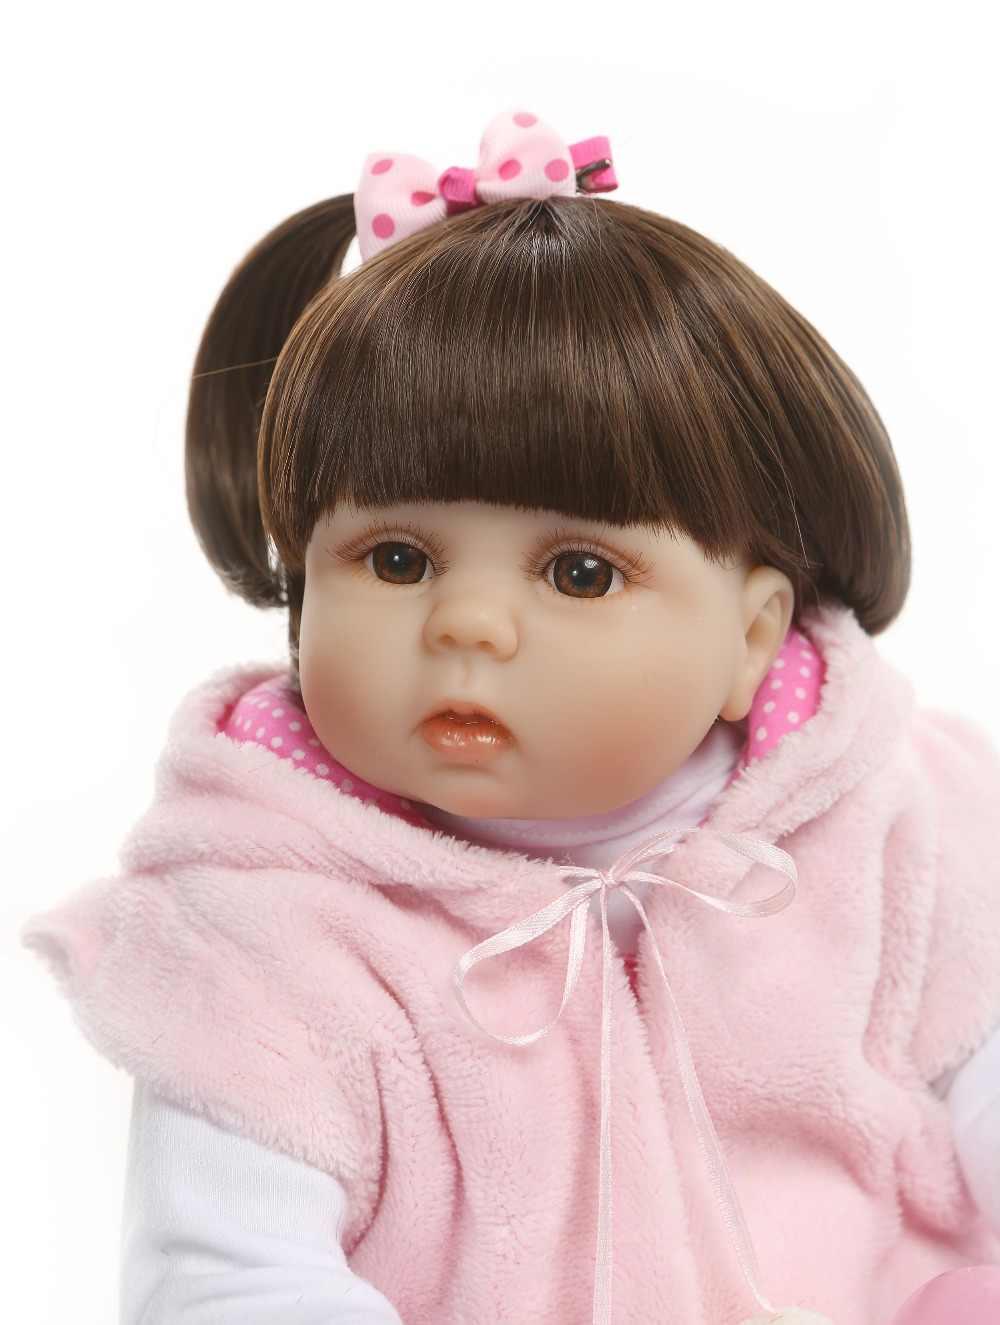 48 см полное тело силикона reborn baby девочка принцесса игрушка Водонепроницаемая Ванна игрушка Реалистичная кукла-младенец мягкий настоящий сенсорный Рождественский подарок